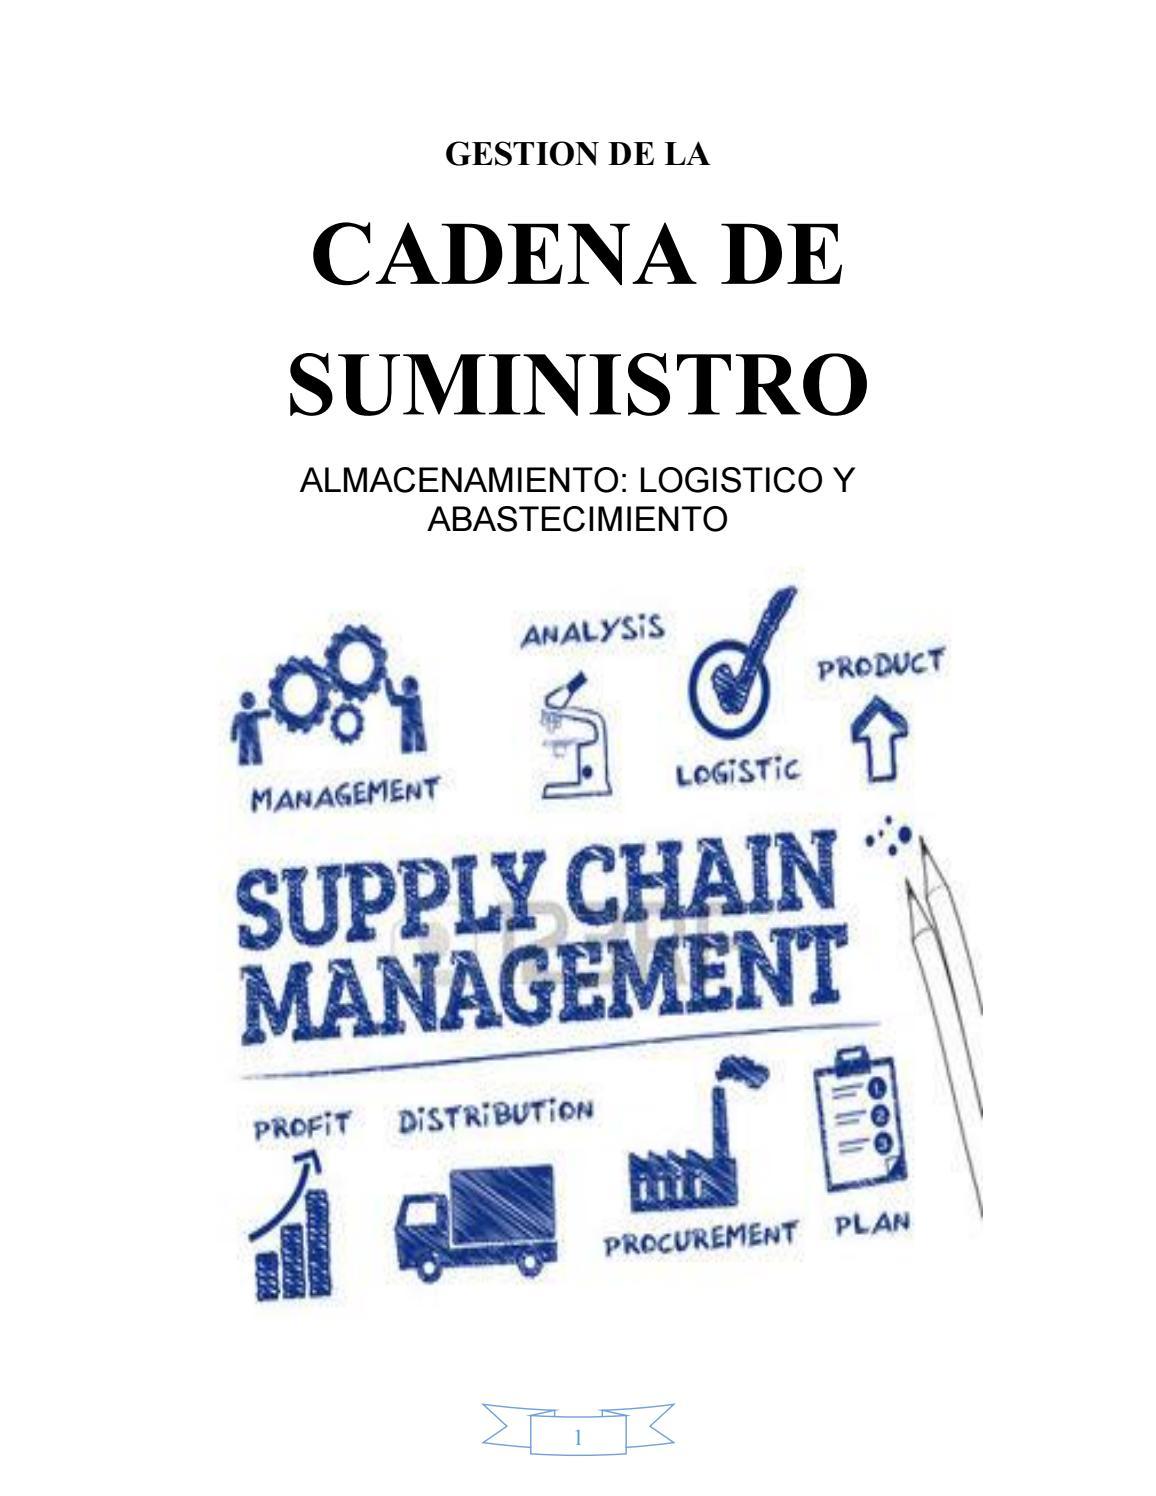 hight resolution of planeacion de requerimientos de distribucion de cadena de suministros y almacen by argenis manuel issuu